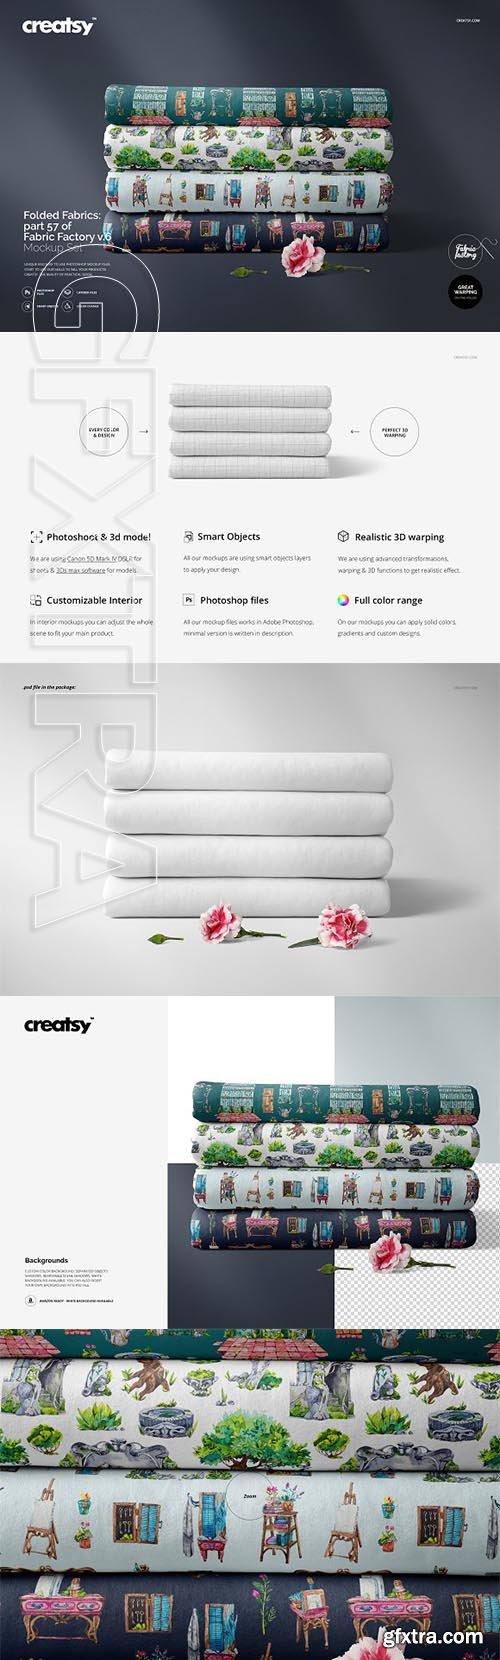 CreativeMarket - Folded Fabrics Mockup 57FF v 6 3332520